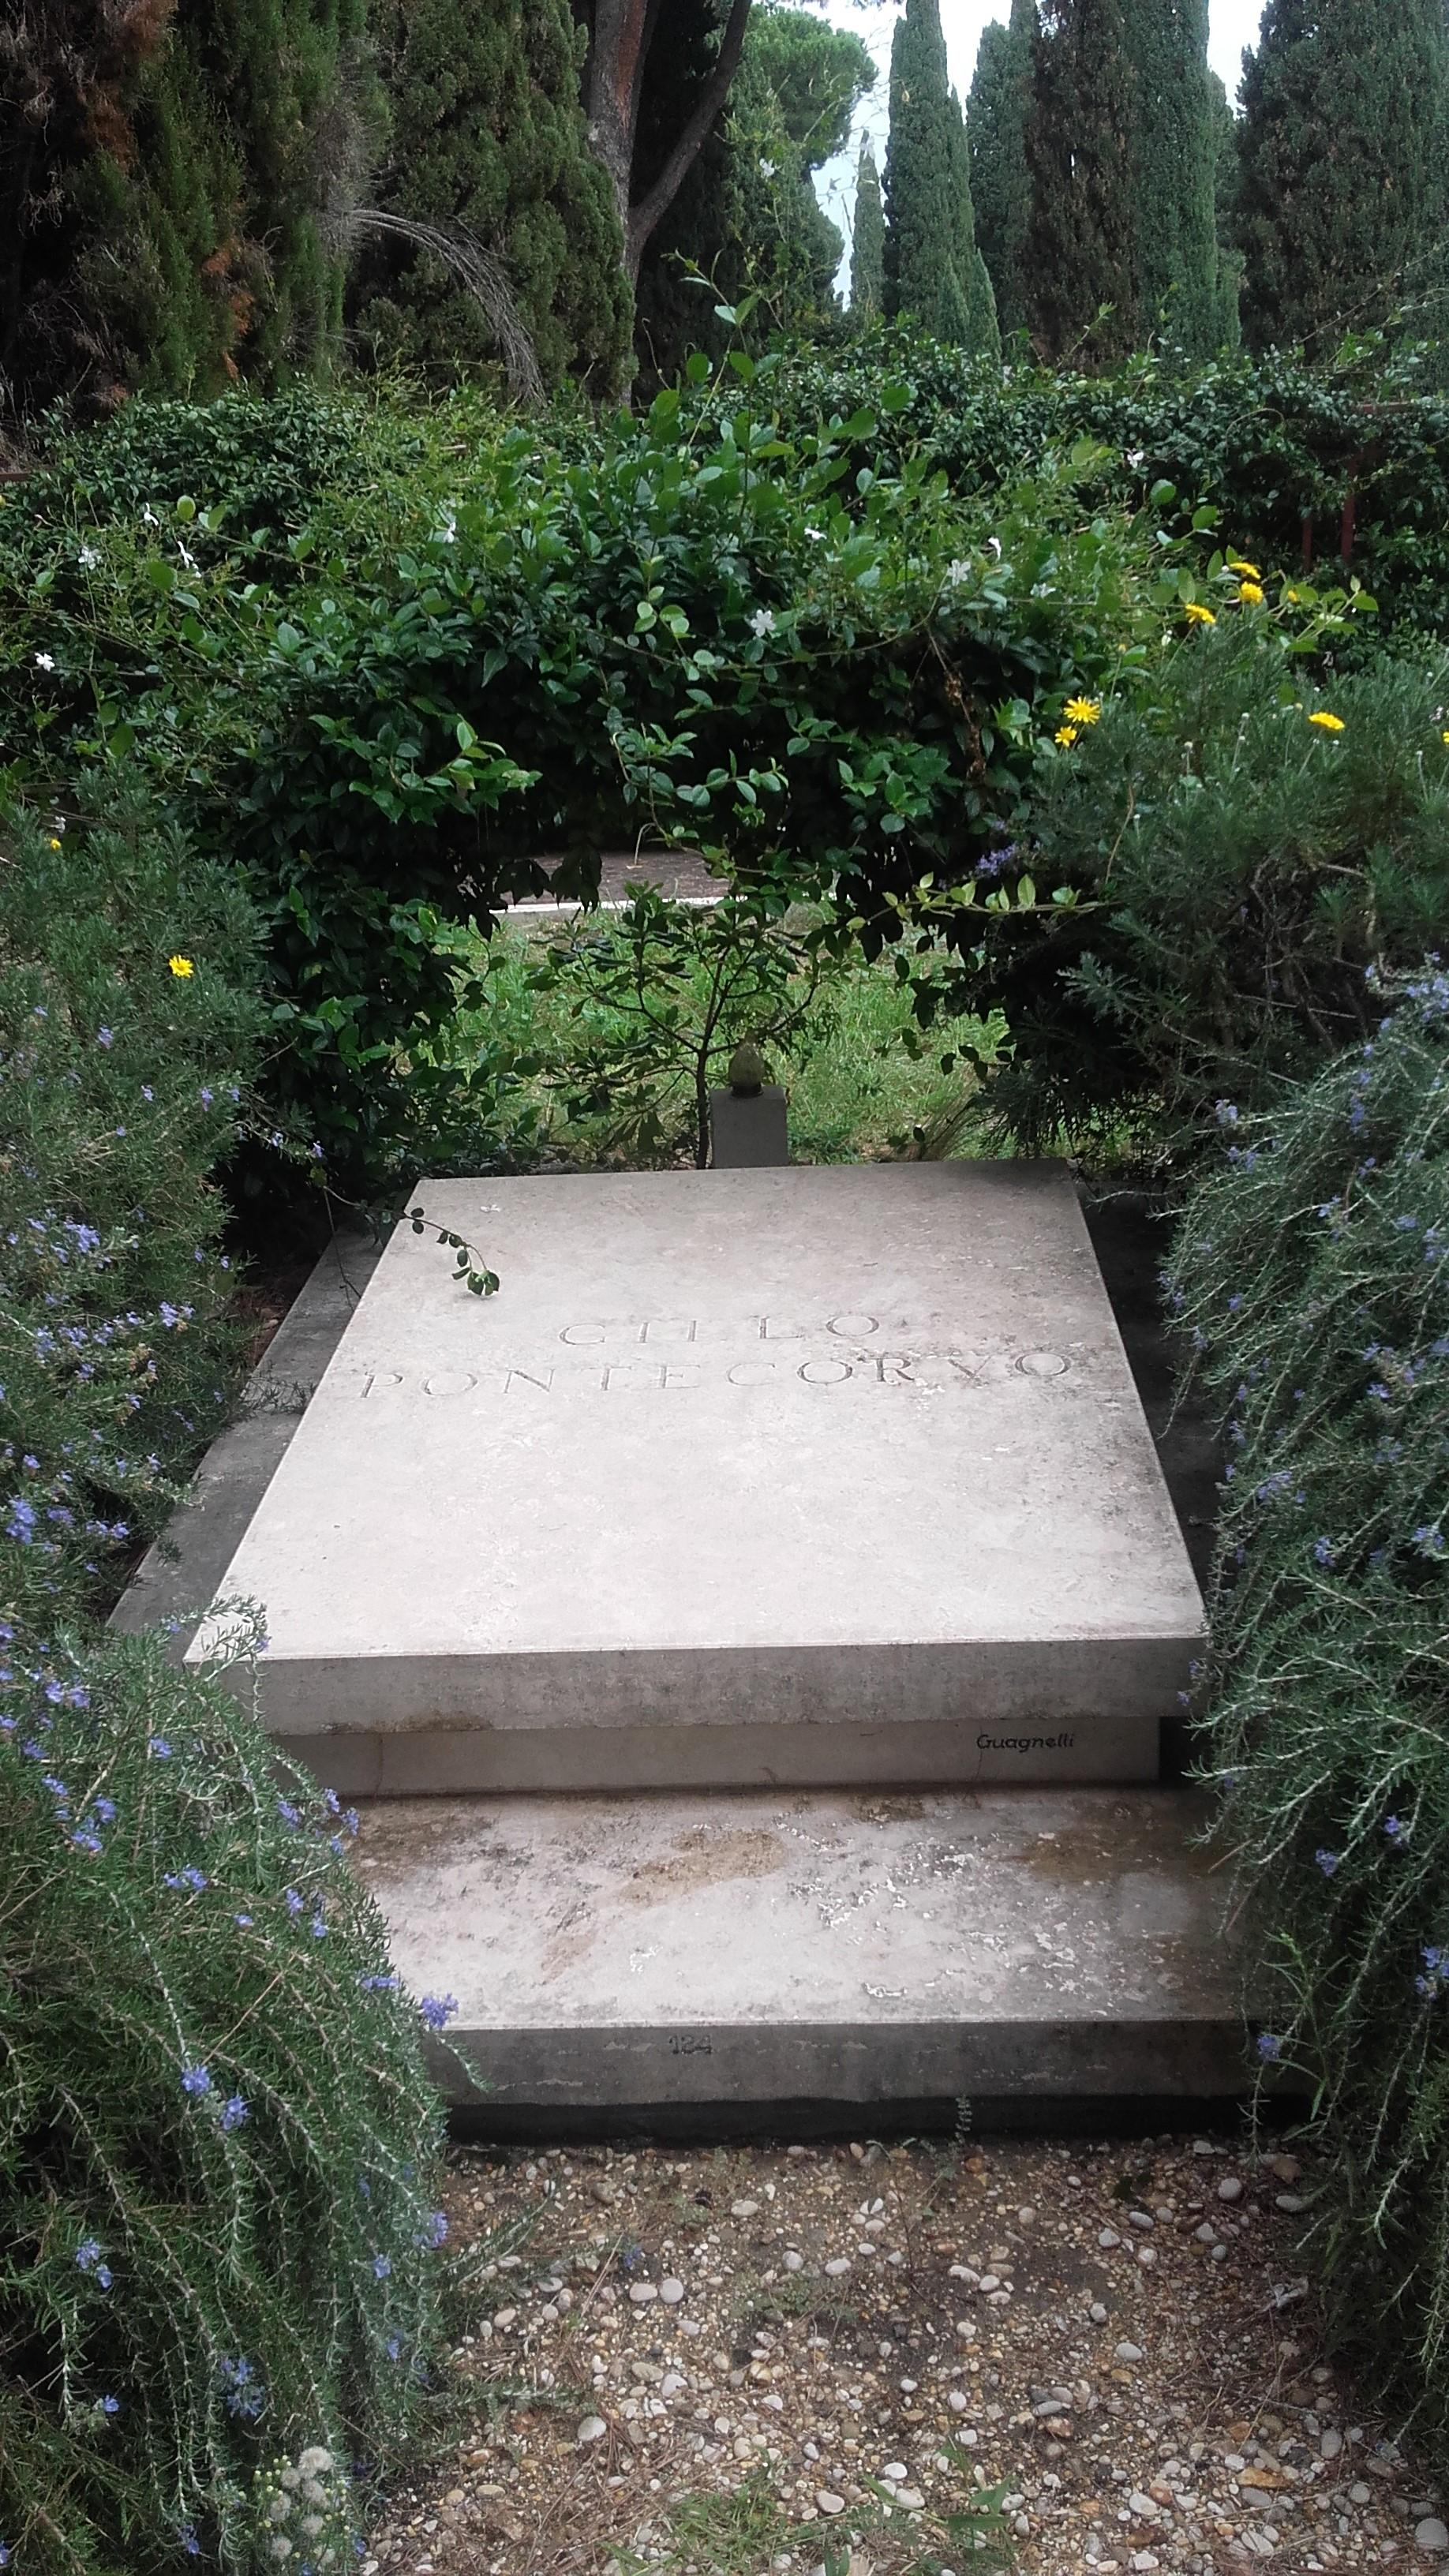 Posizione Zona Ampliamento: riquadro 132, tomba 124